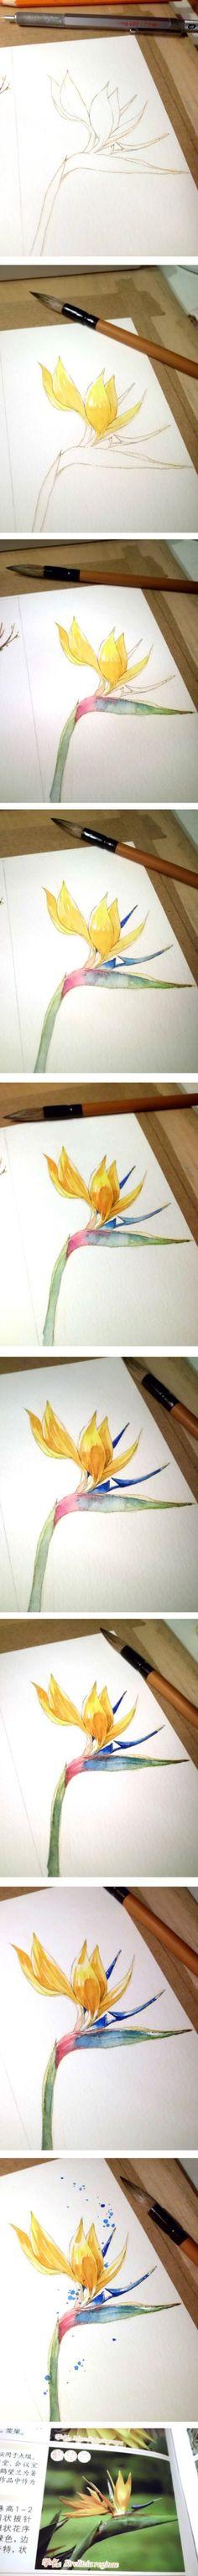 水彩 绘画 基础教程 鹤望兰